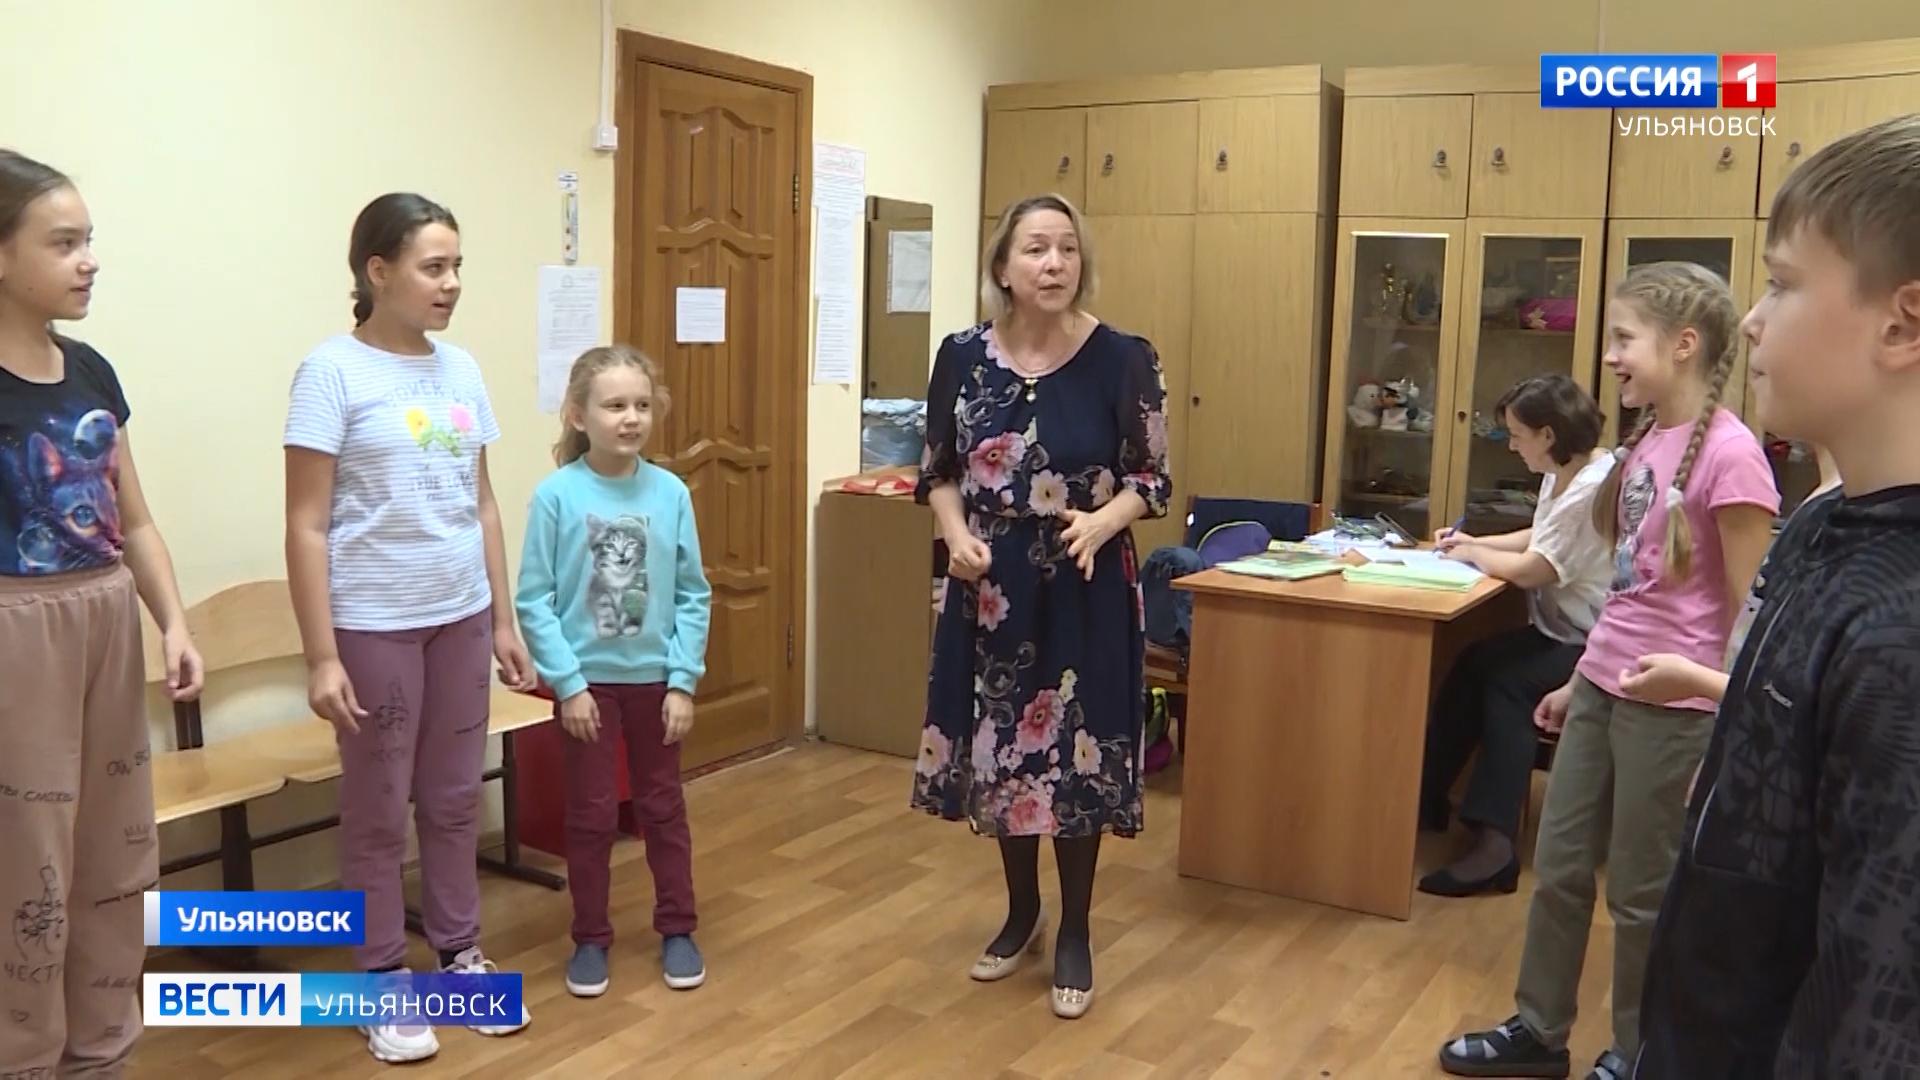 «Лучшим преподавателем ДШИ» регионального этапа общероссийского конкурса стала Наталья Косарева